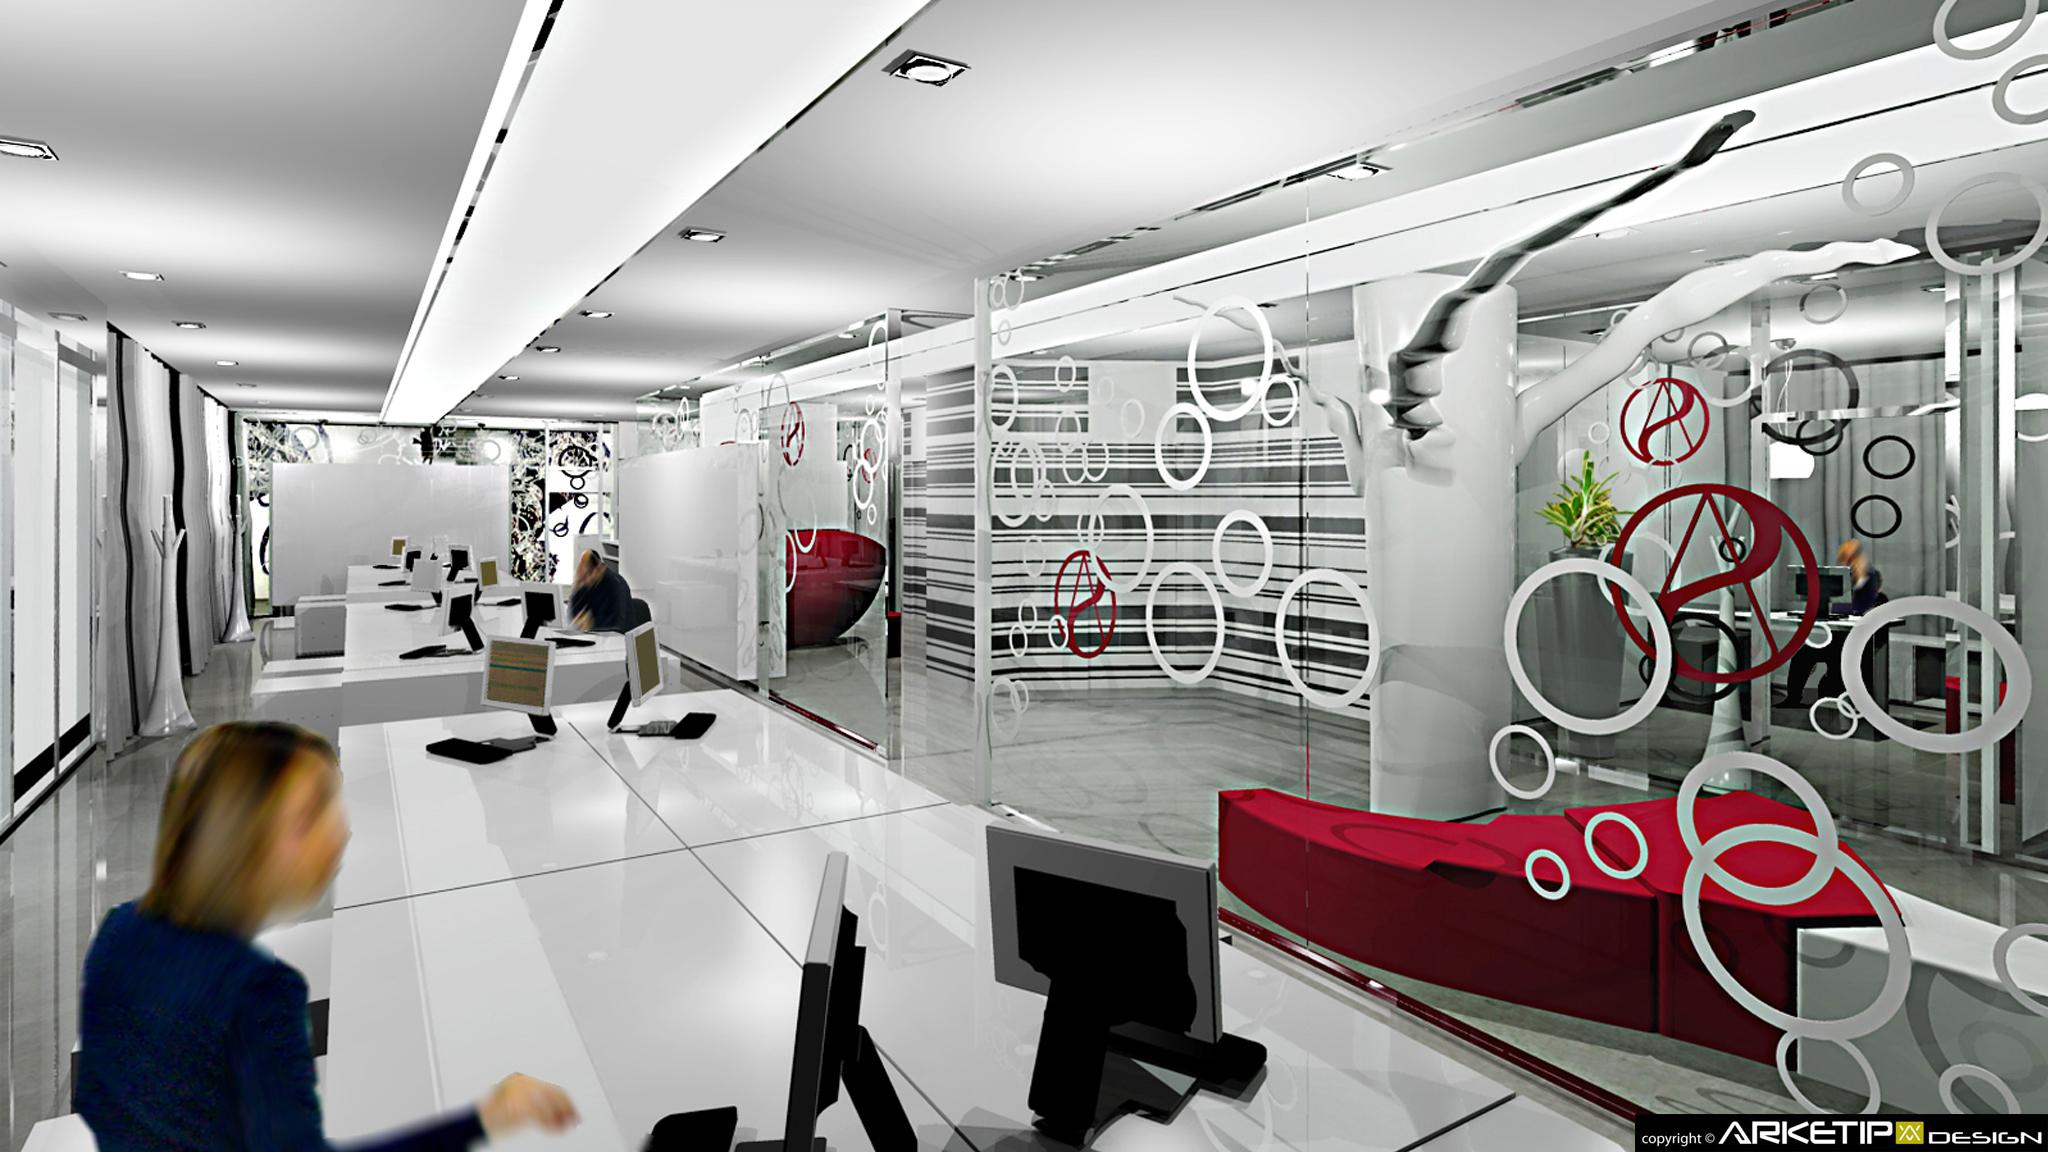 Arredamento ufficio alpha data center uffici milano for Uffici condivisione milano